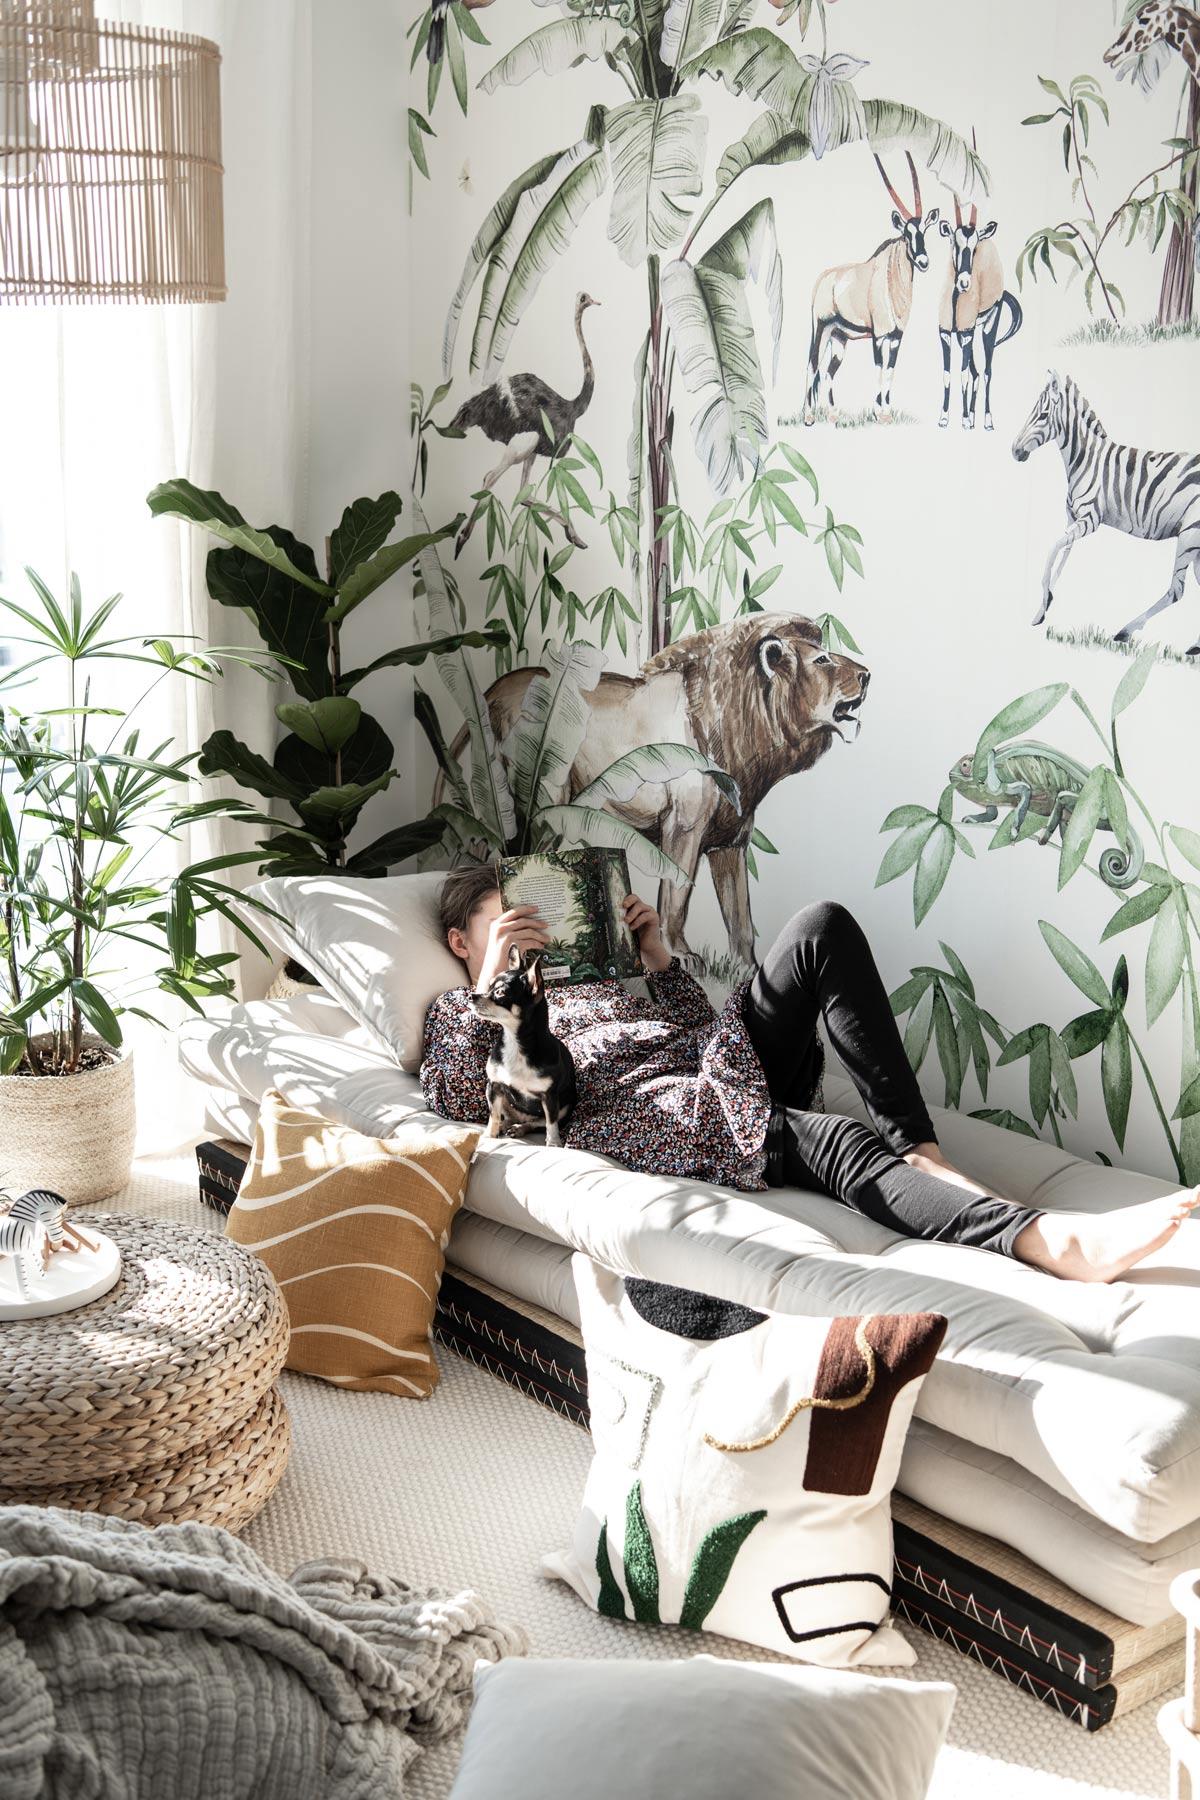 Dschungel Zimmer Wallpaper